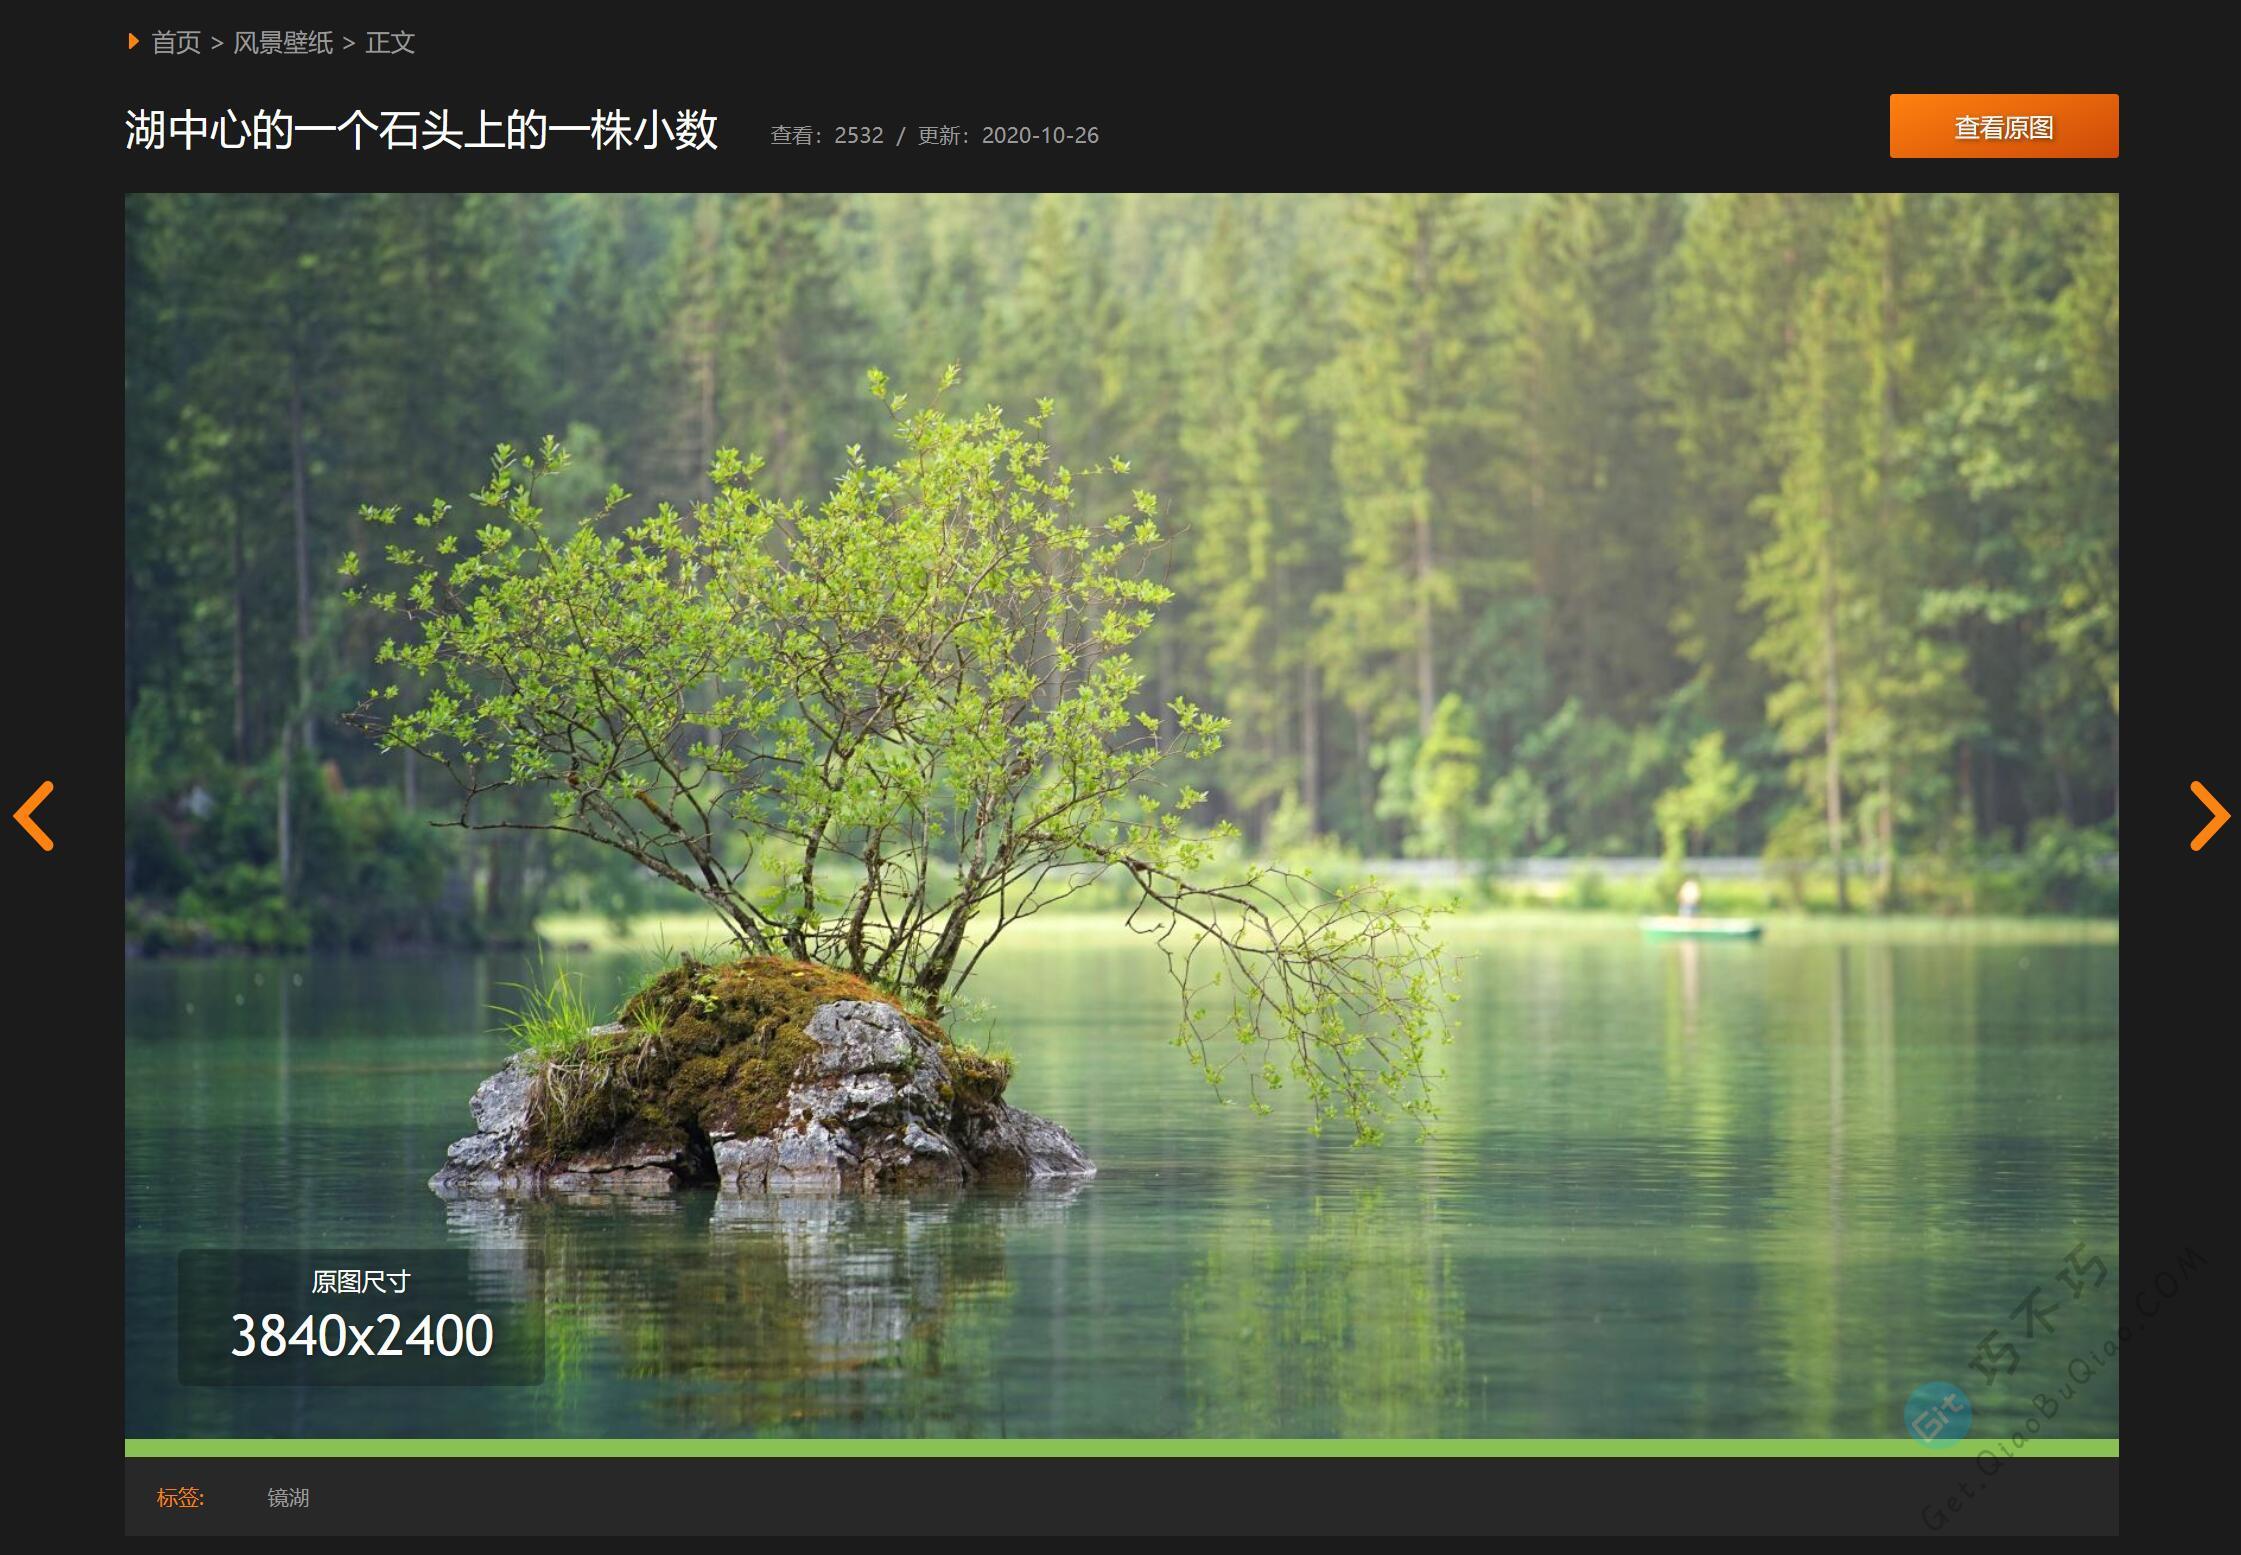 选桌面背景图很方便的一个网站,支持电脑壁纸和手机壁纸,有4K分辨率